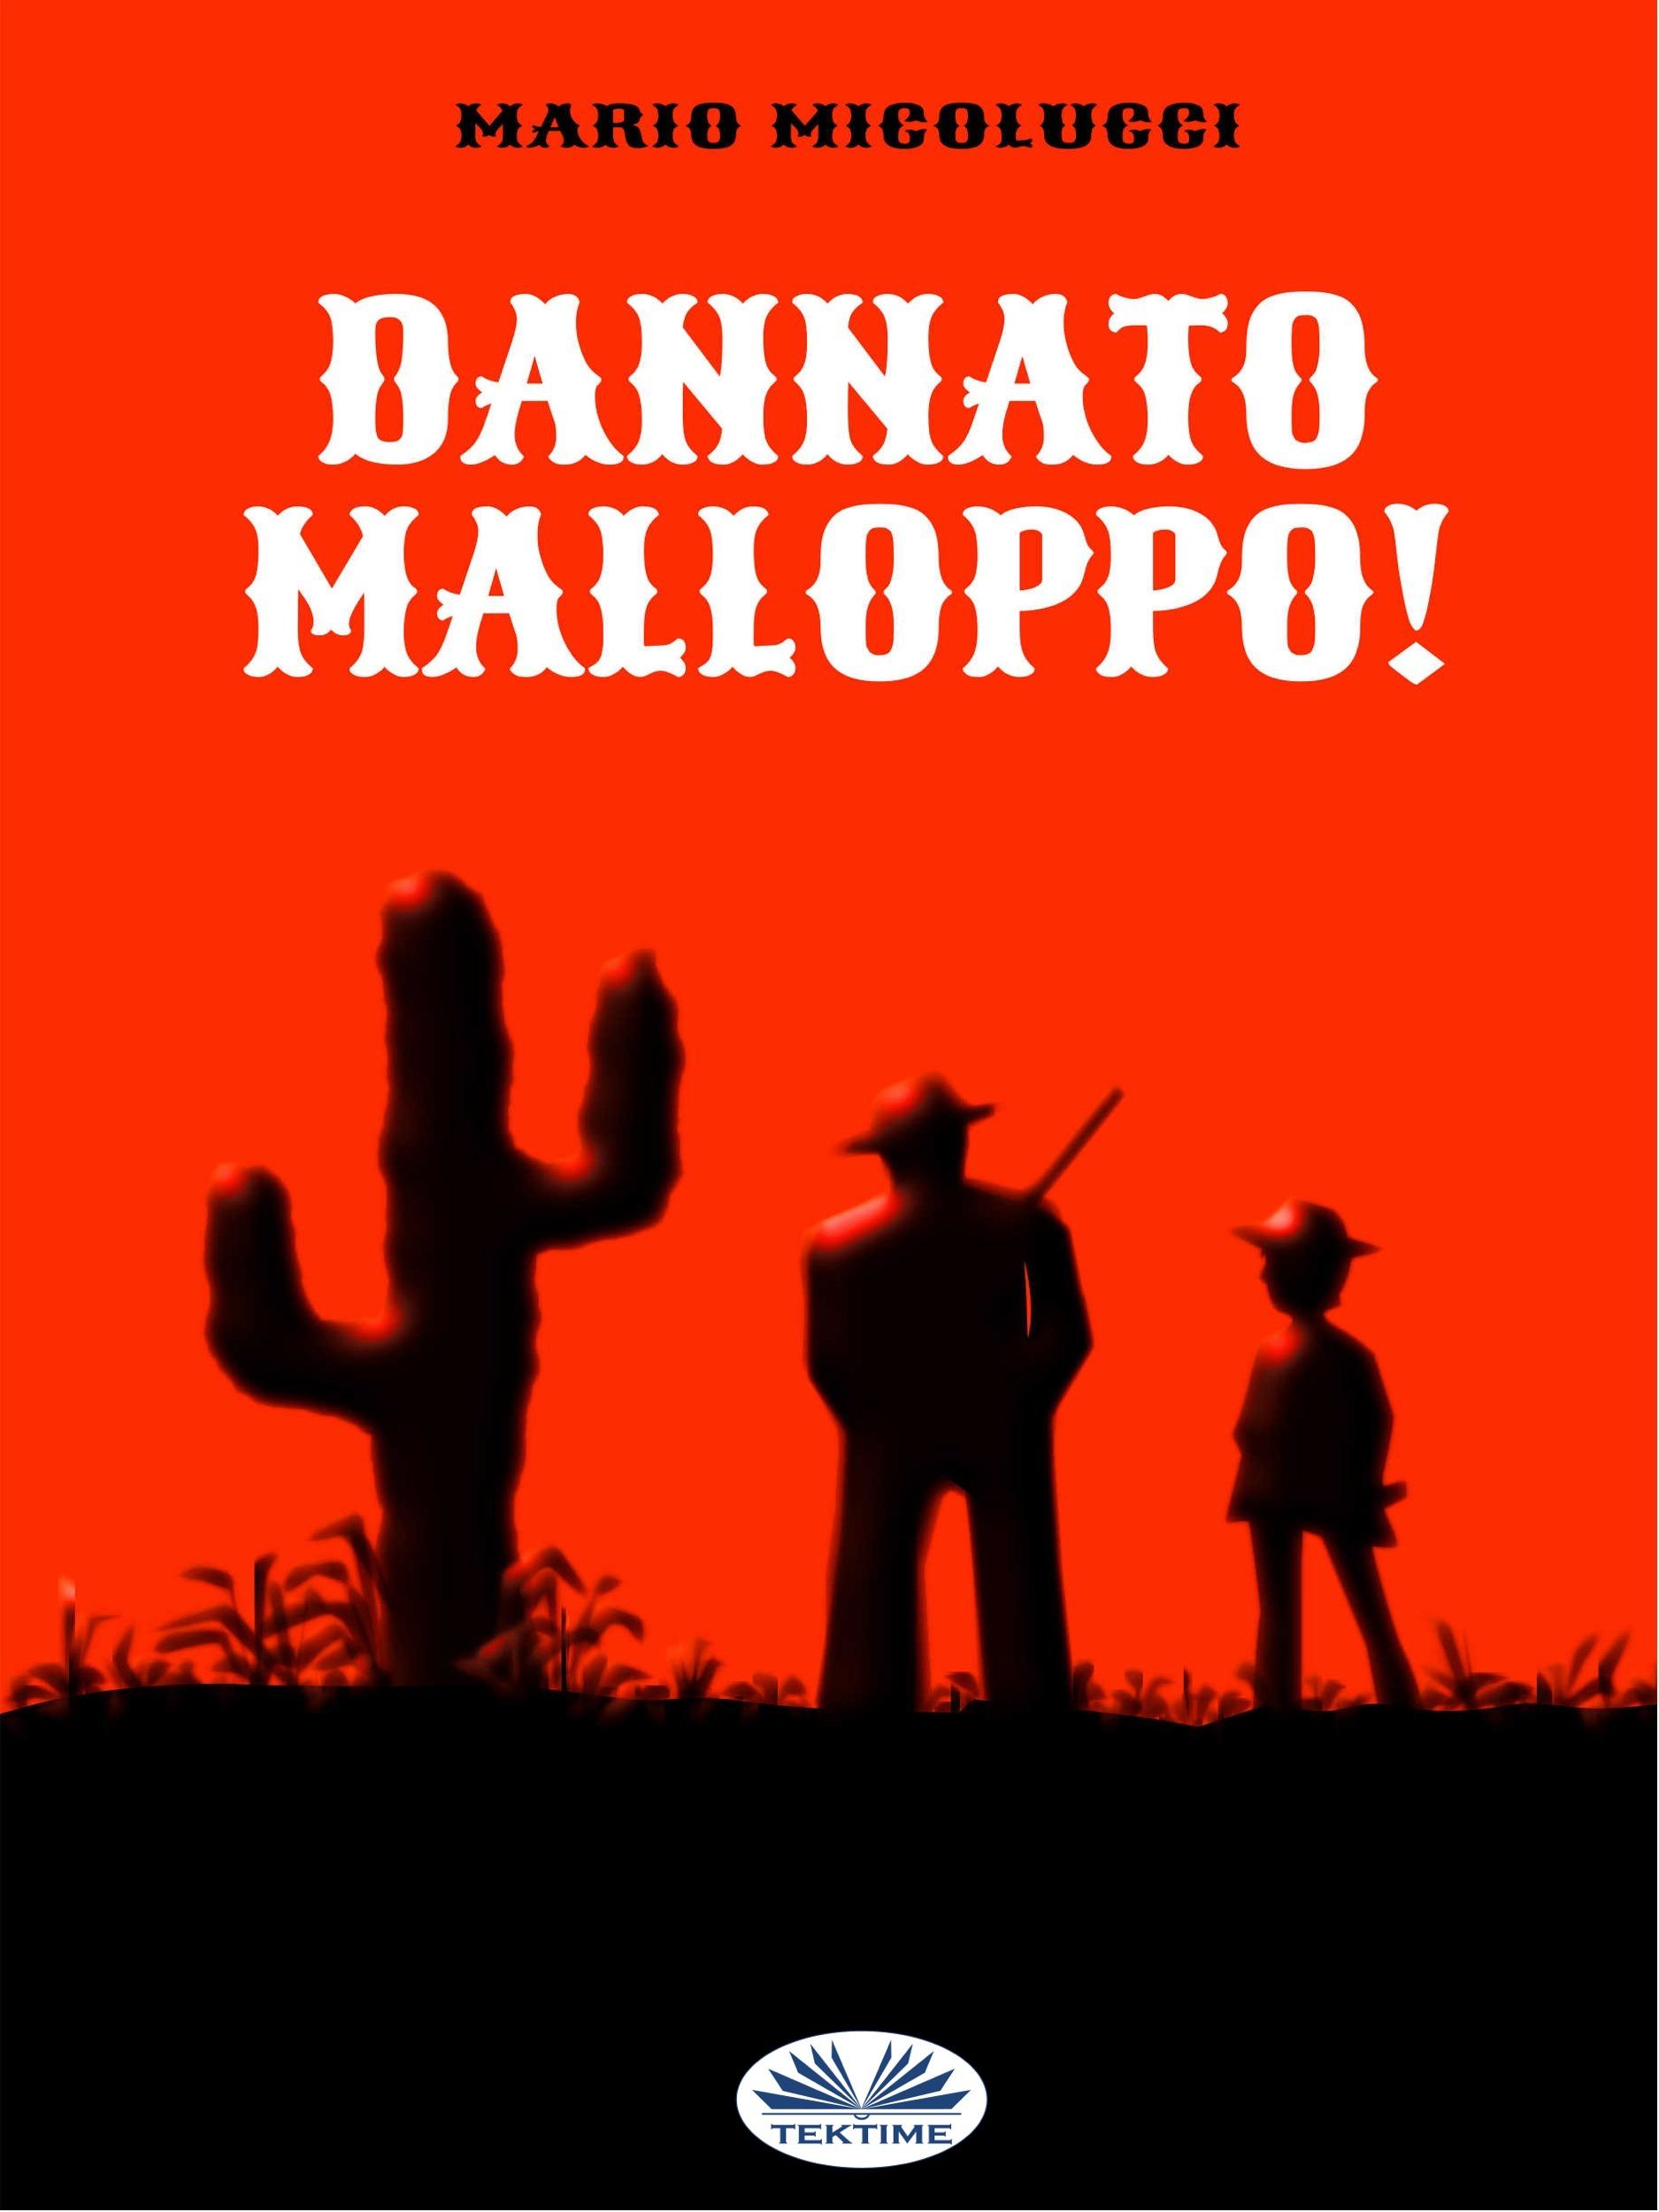 Dannato Malloppo! ( Mario Micolucci  )